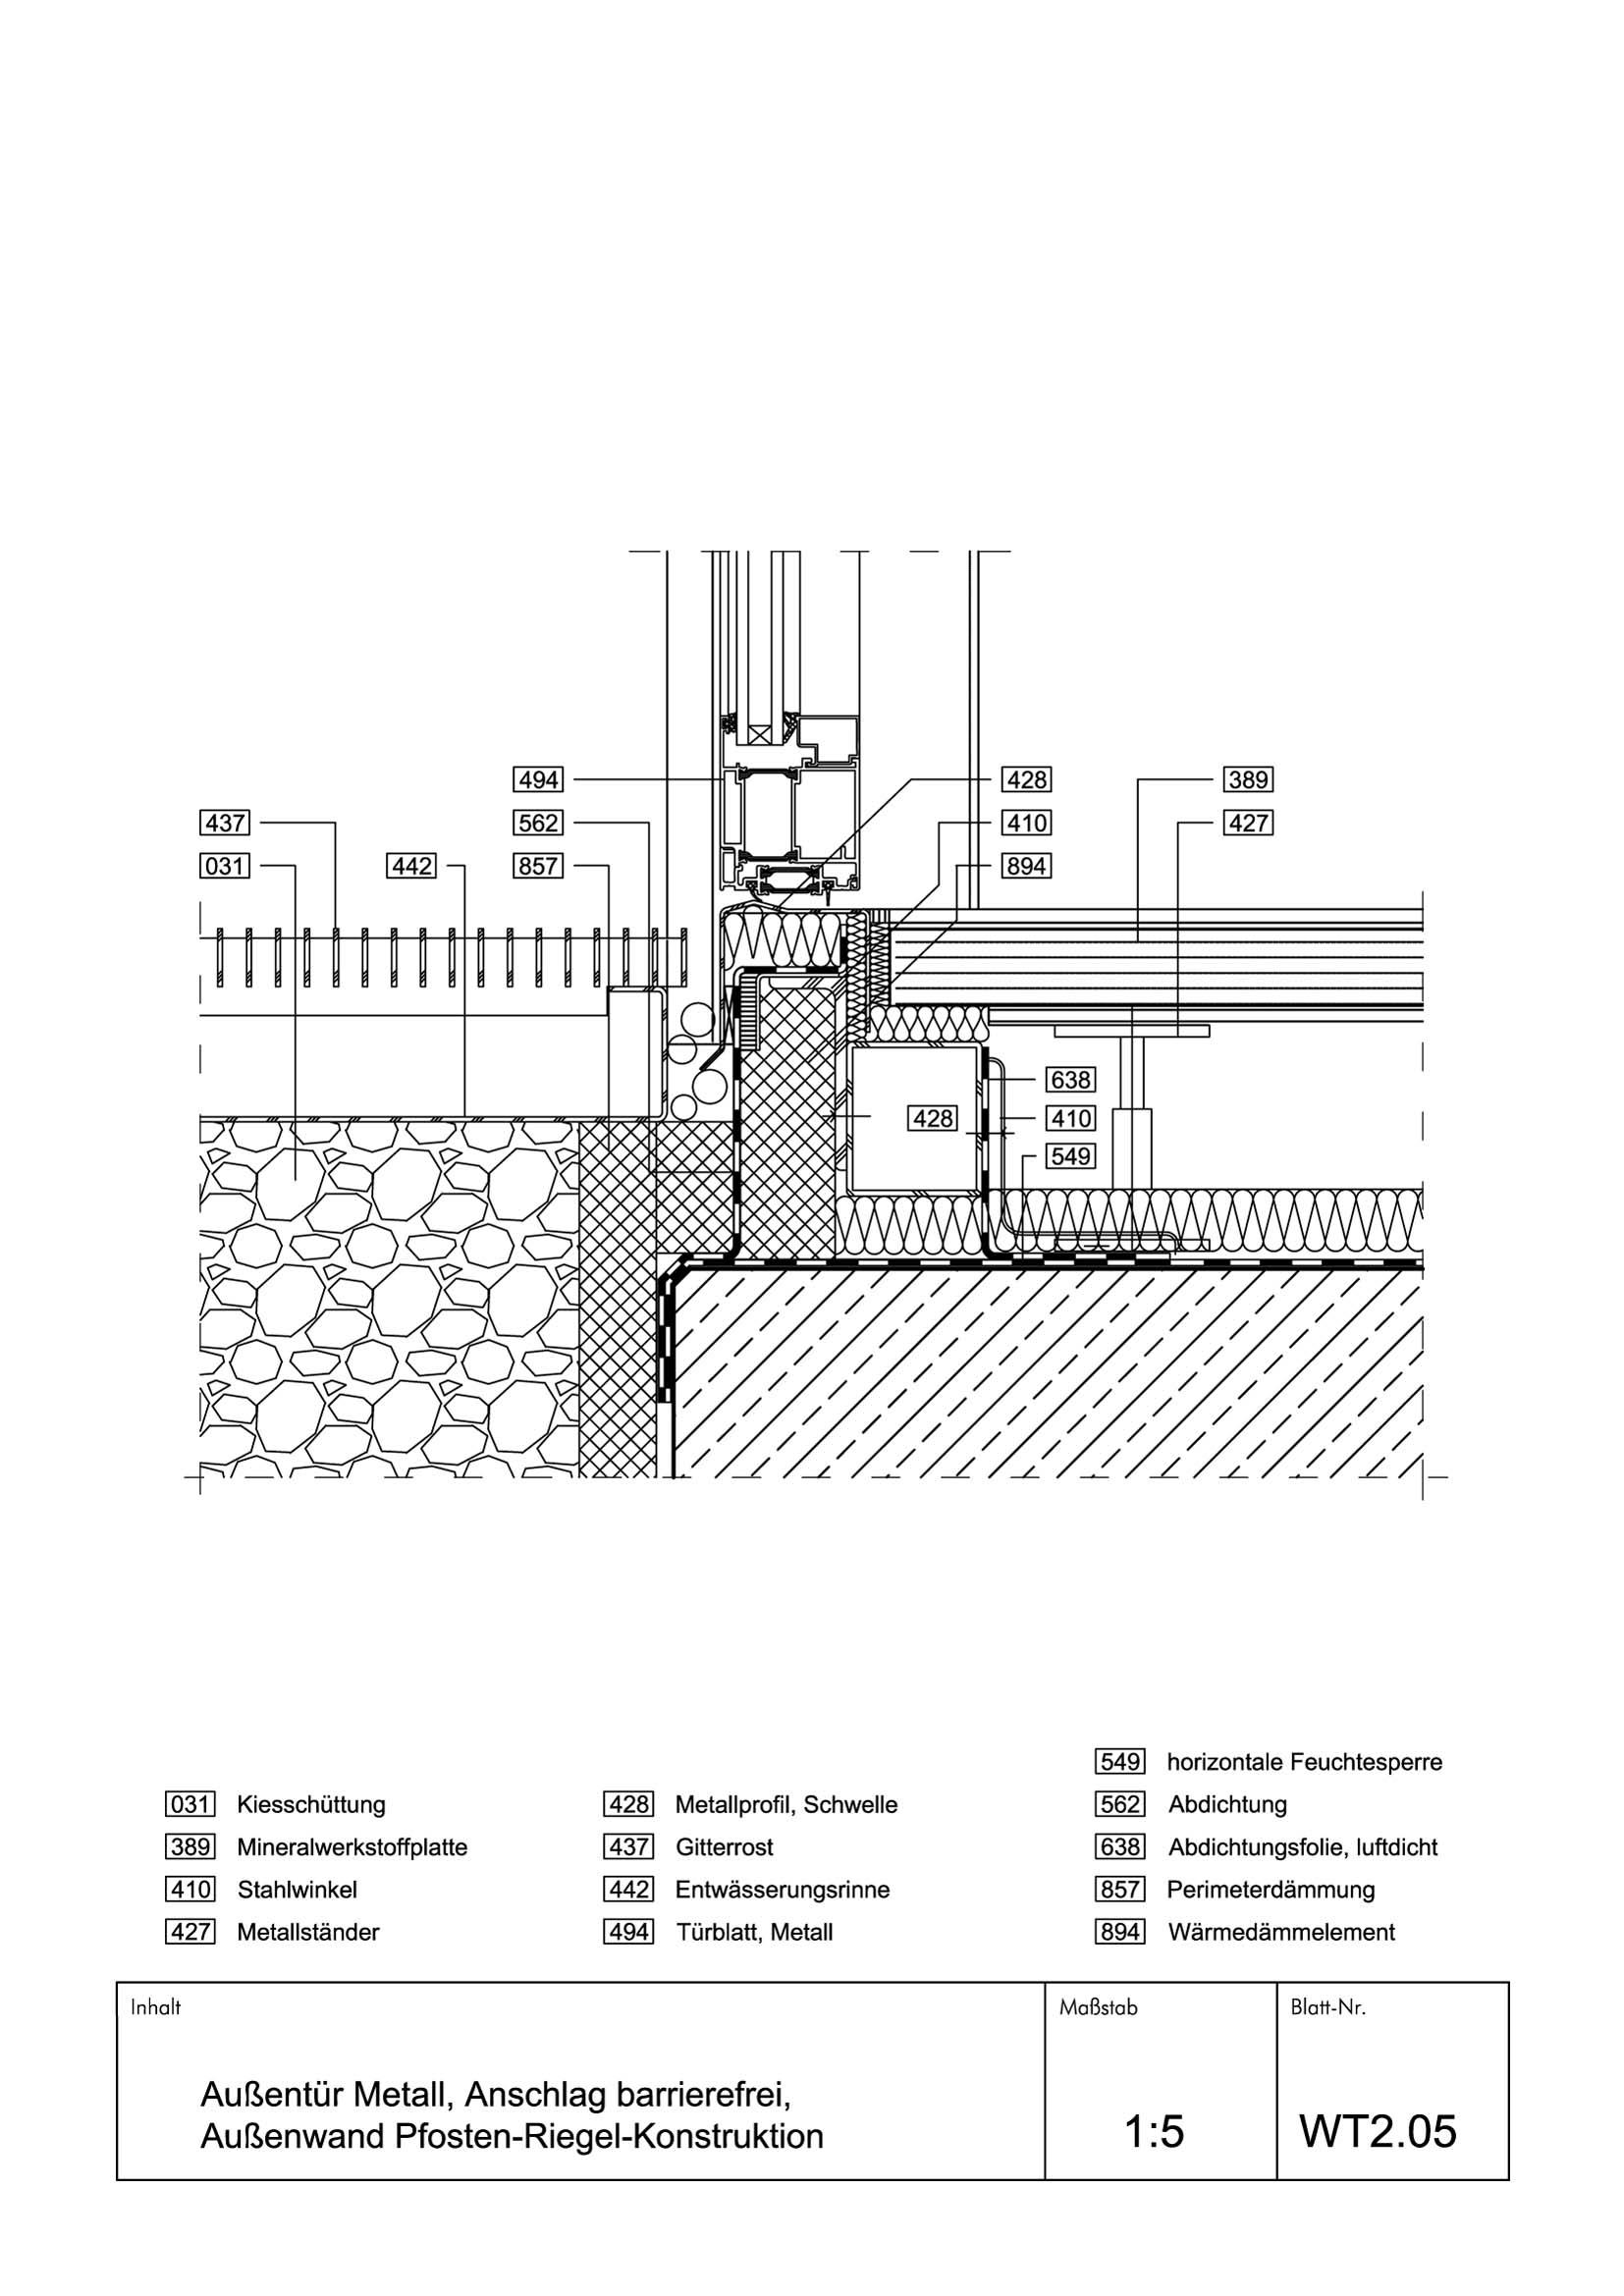 Tür detail  Barrierefreies Bauen: Details - Barrierefrei planen & bauen